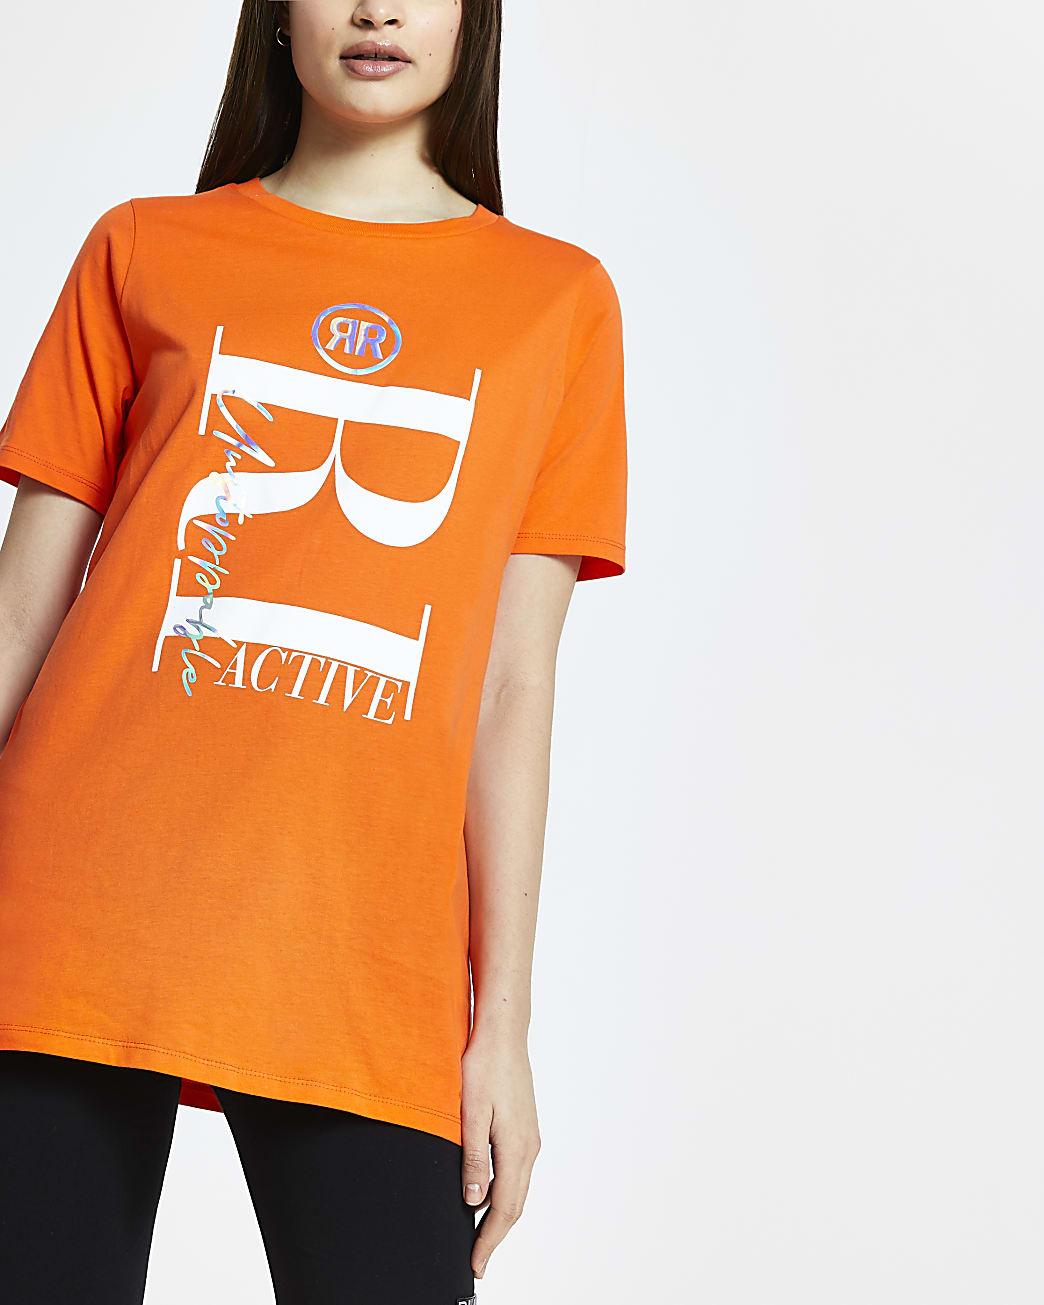 Orange RI Active short sleeve t-shirt